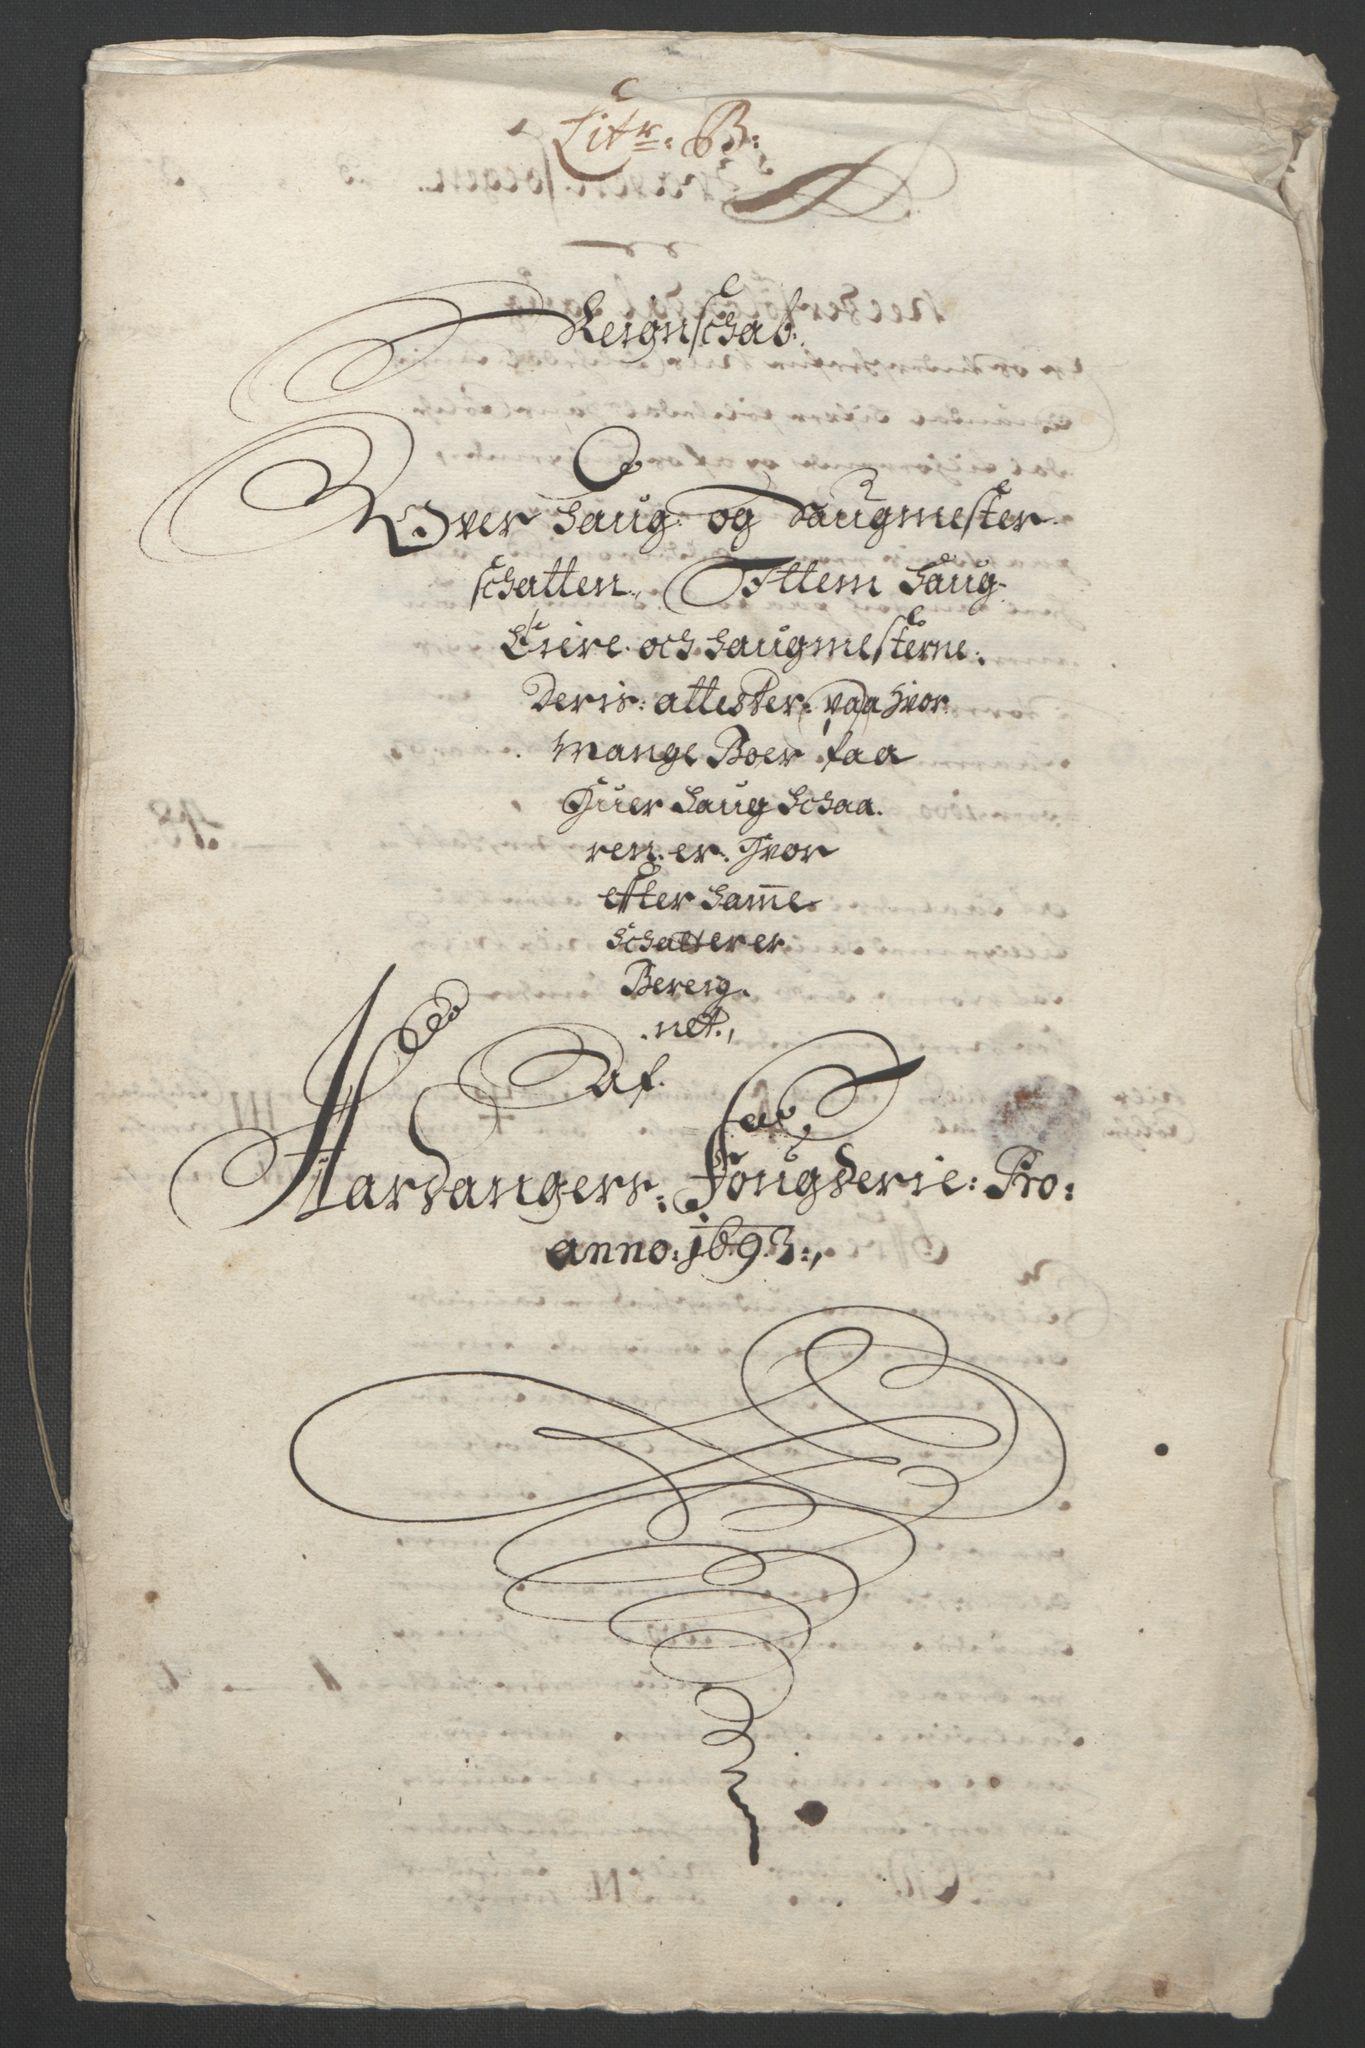 RA, Rentekammeret inntil 1814, Reviderte regnskaper, Fogderegnskap, R48/L2974: Fogderegnskap Sunnhordland og Hardanger, 1693, s. 254